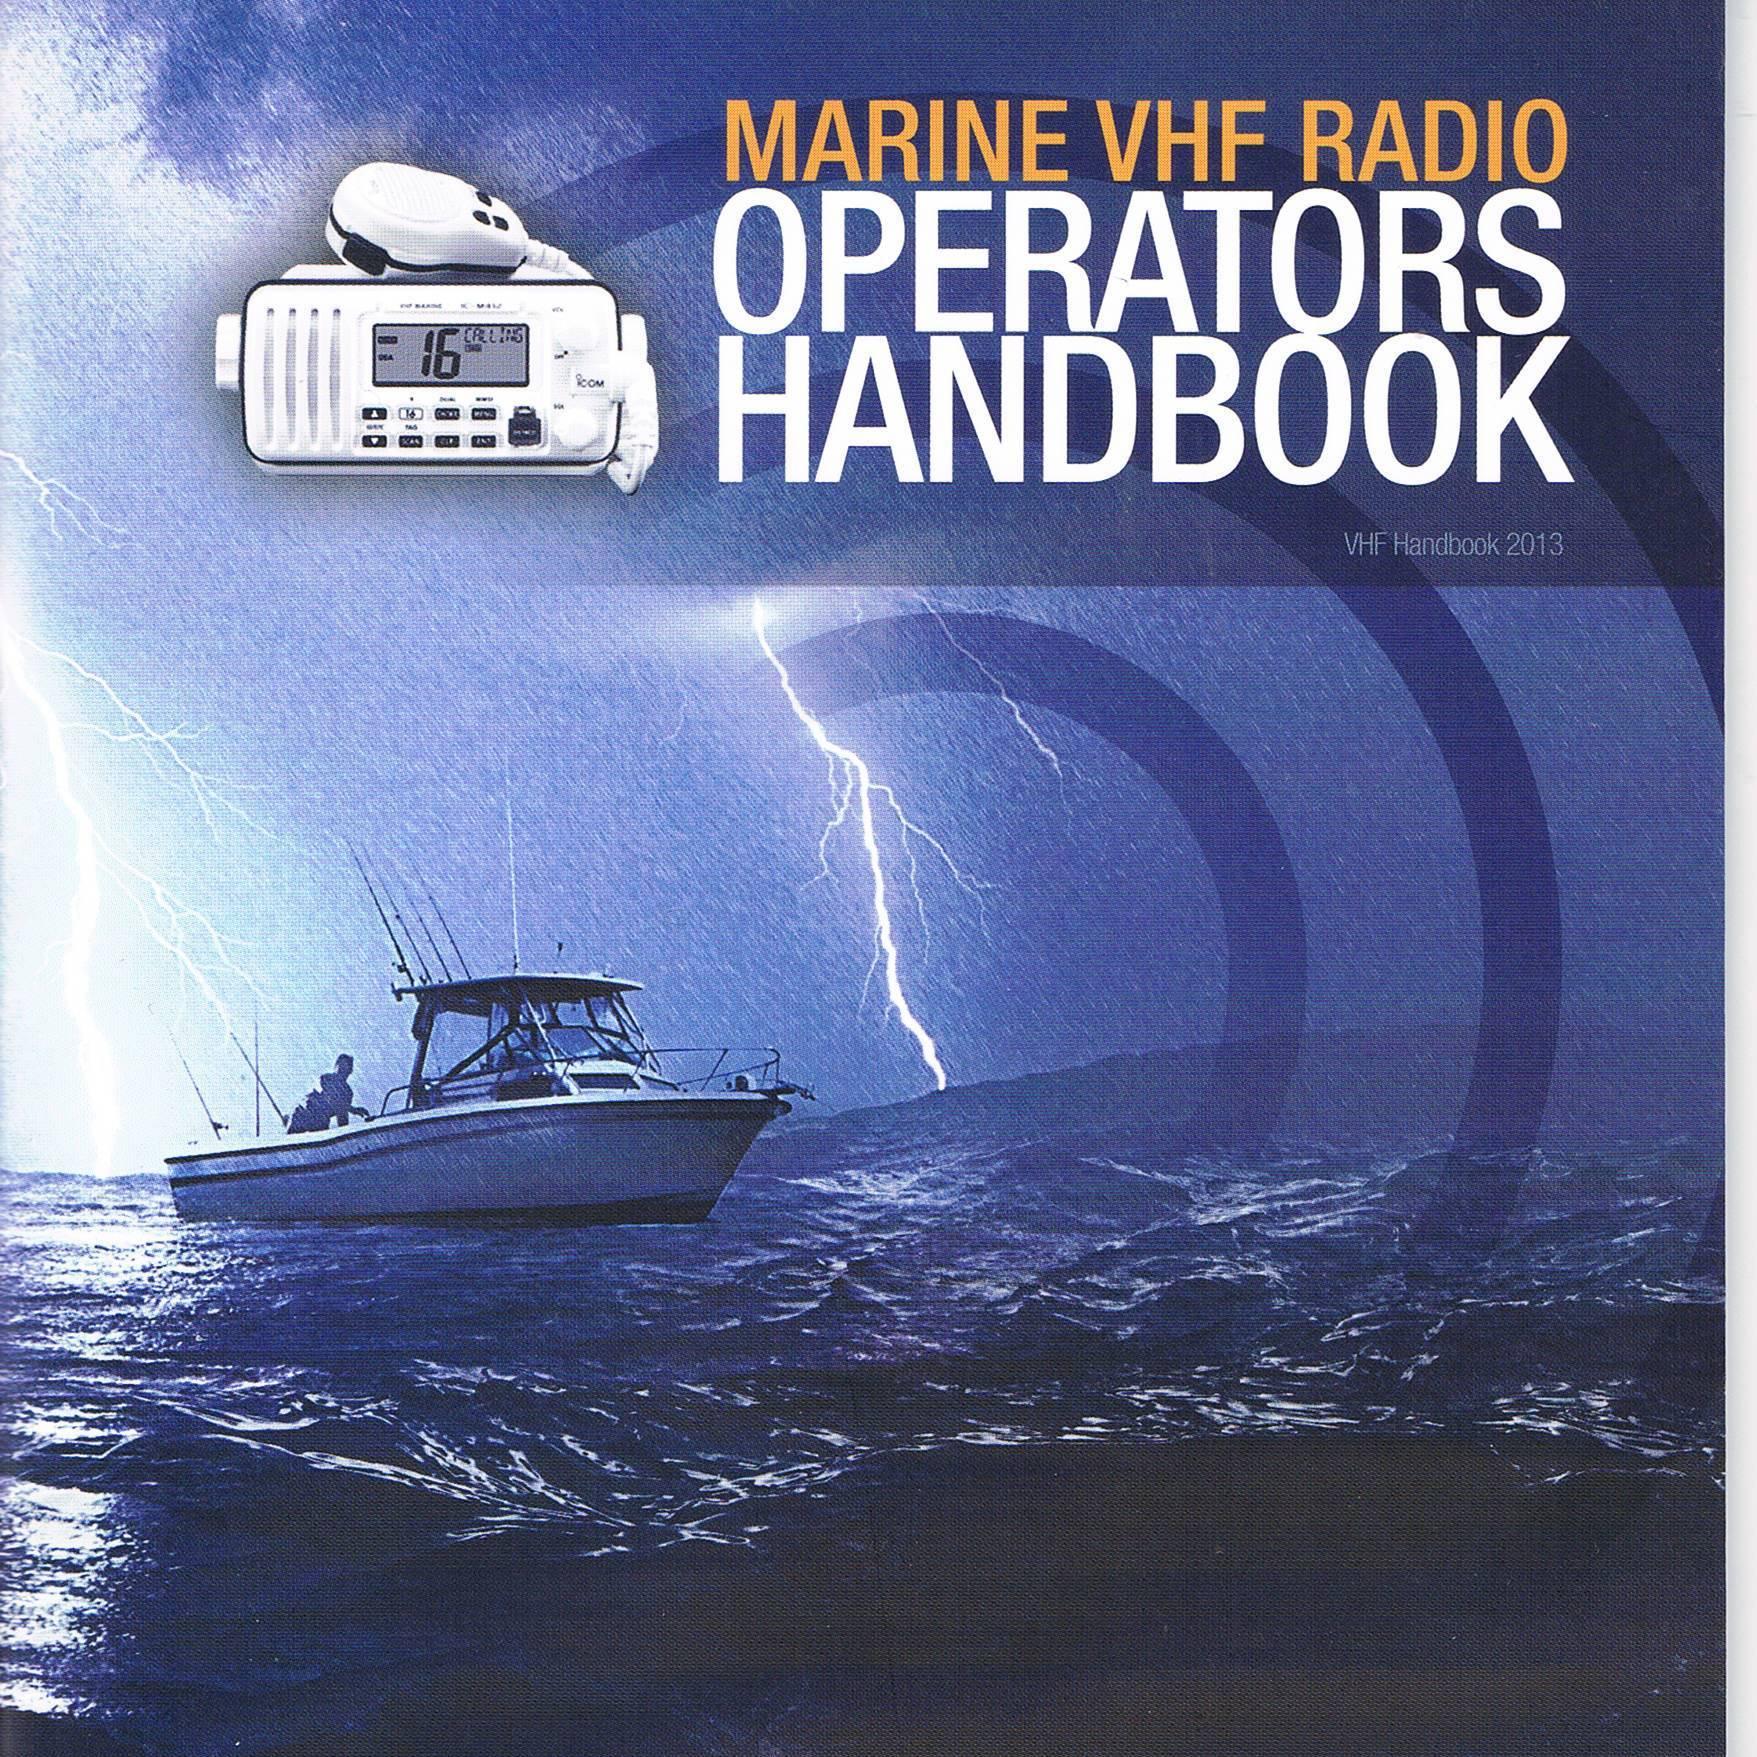 Operators Handbook - Buy Online - Click Here